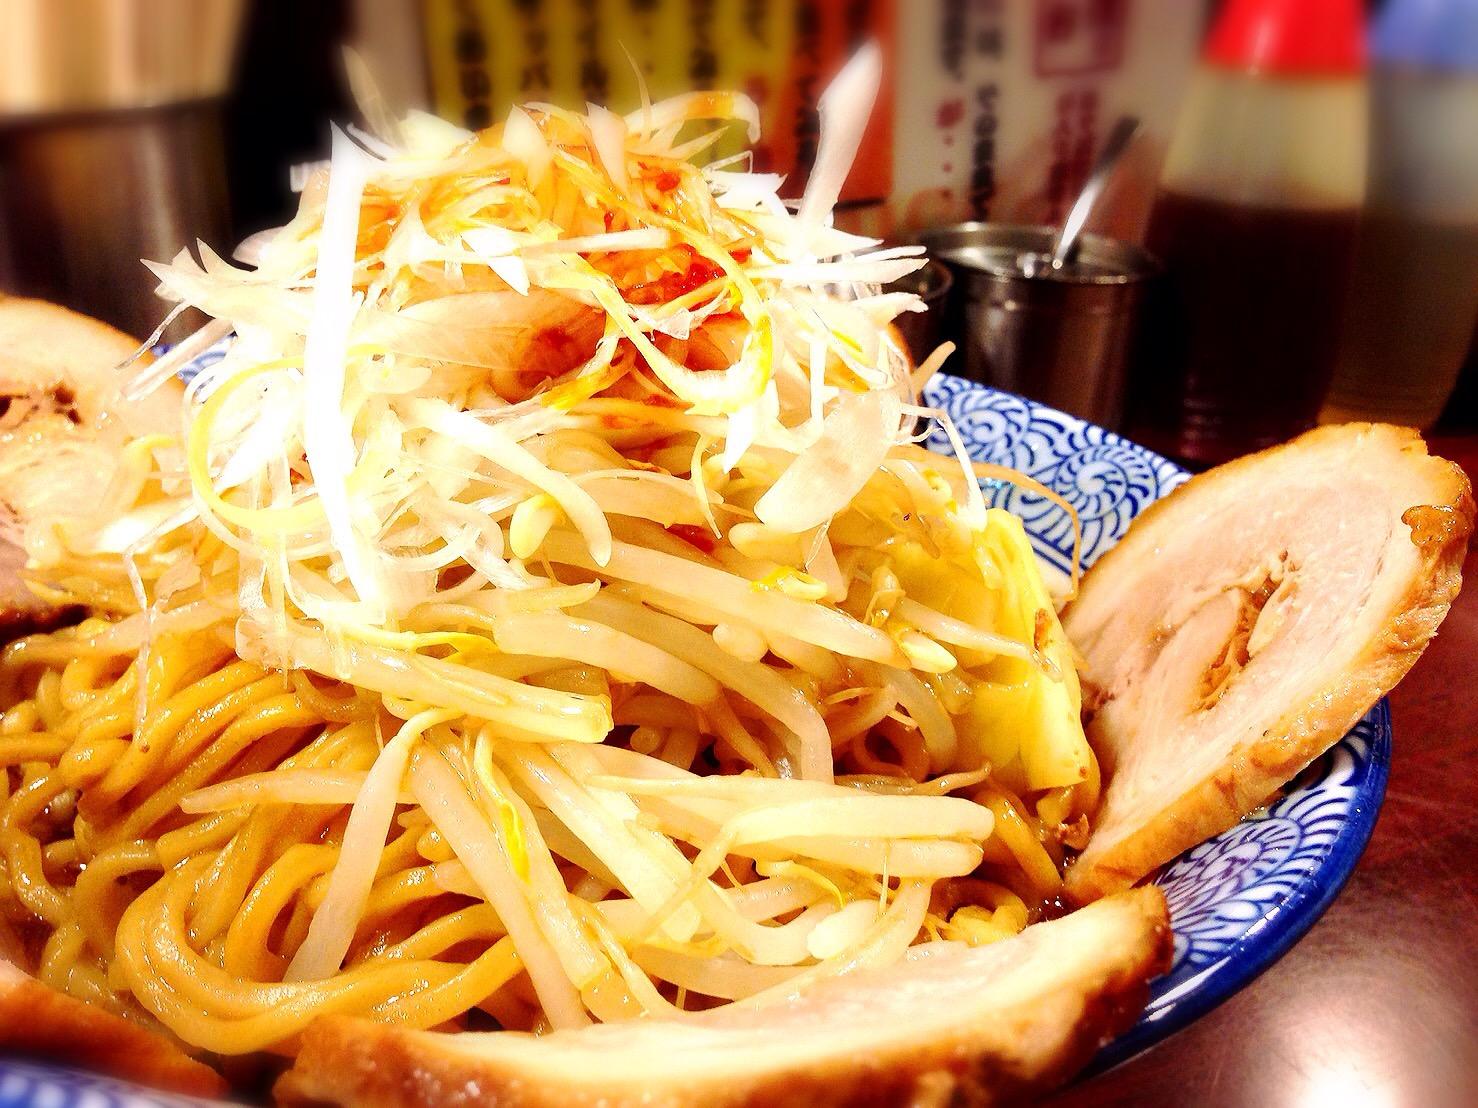 秋葉原の油そば5選!美味しくて安い大食いさんにおすすめのところは?